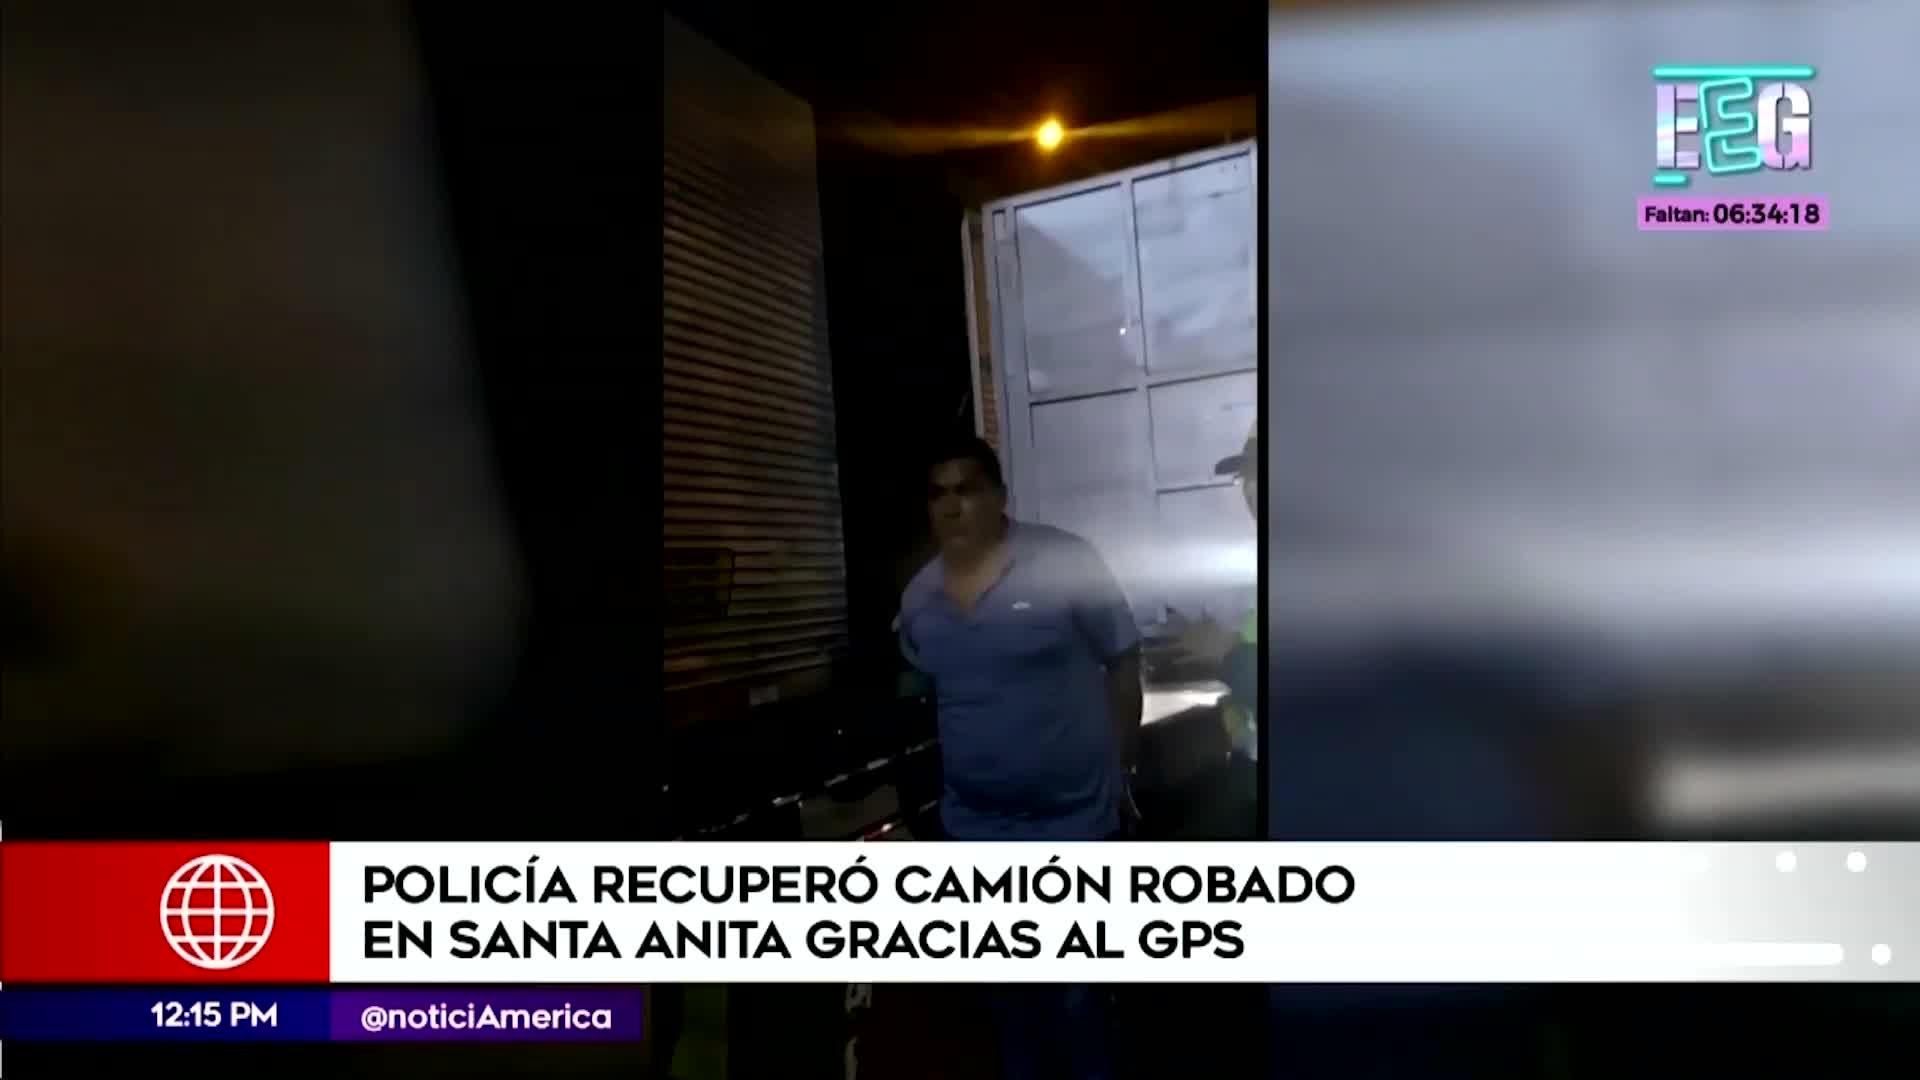 Santa Anita: Policía logró recuperar camión robado gracias al GPS